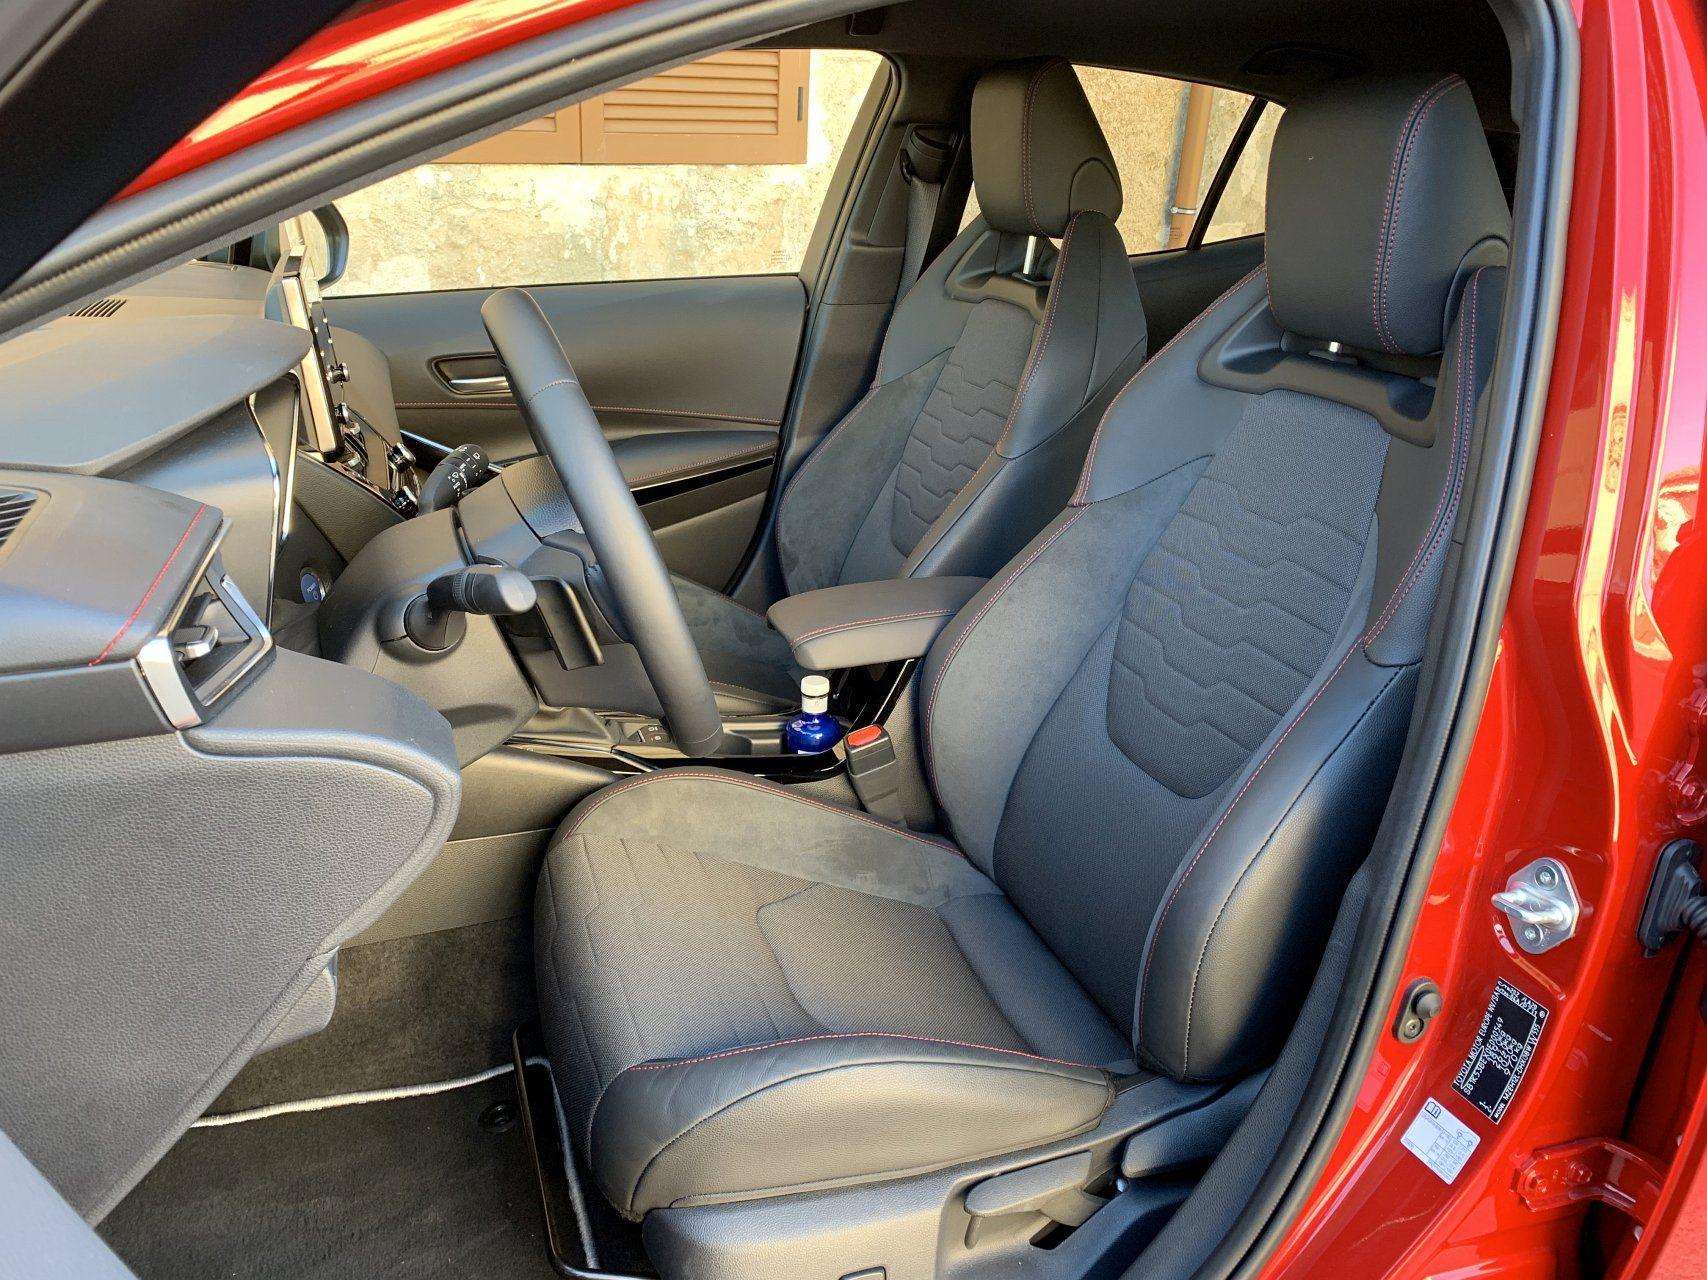 Toyota Corolla передние сидения